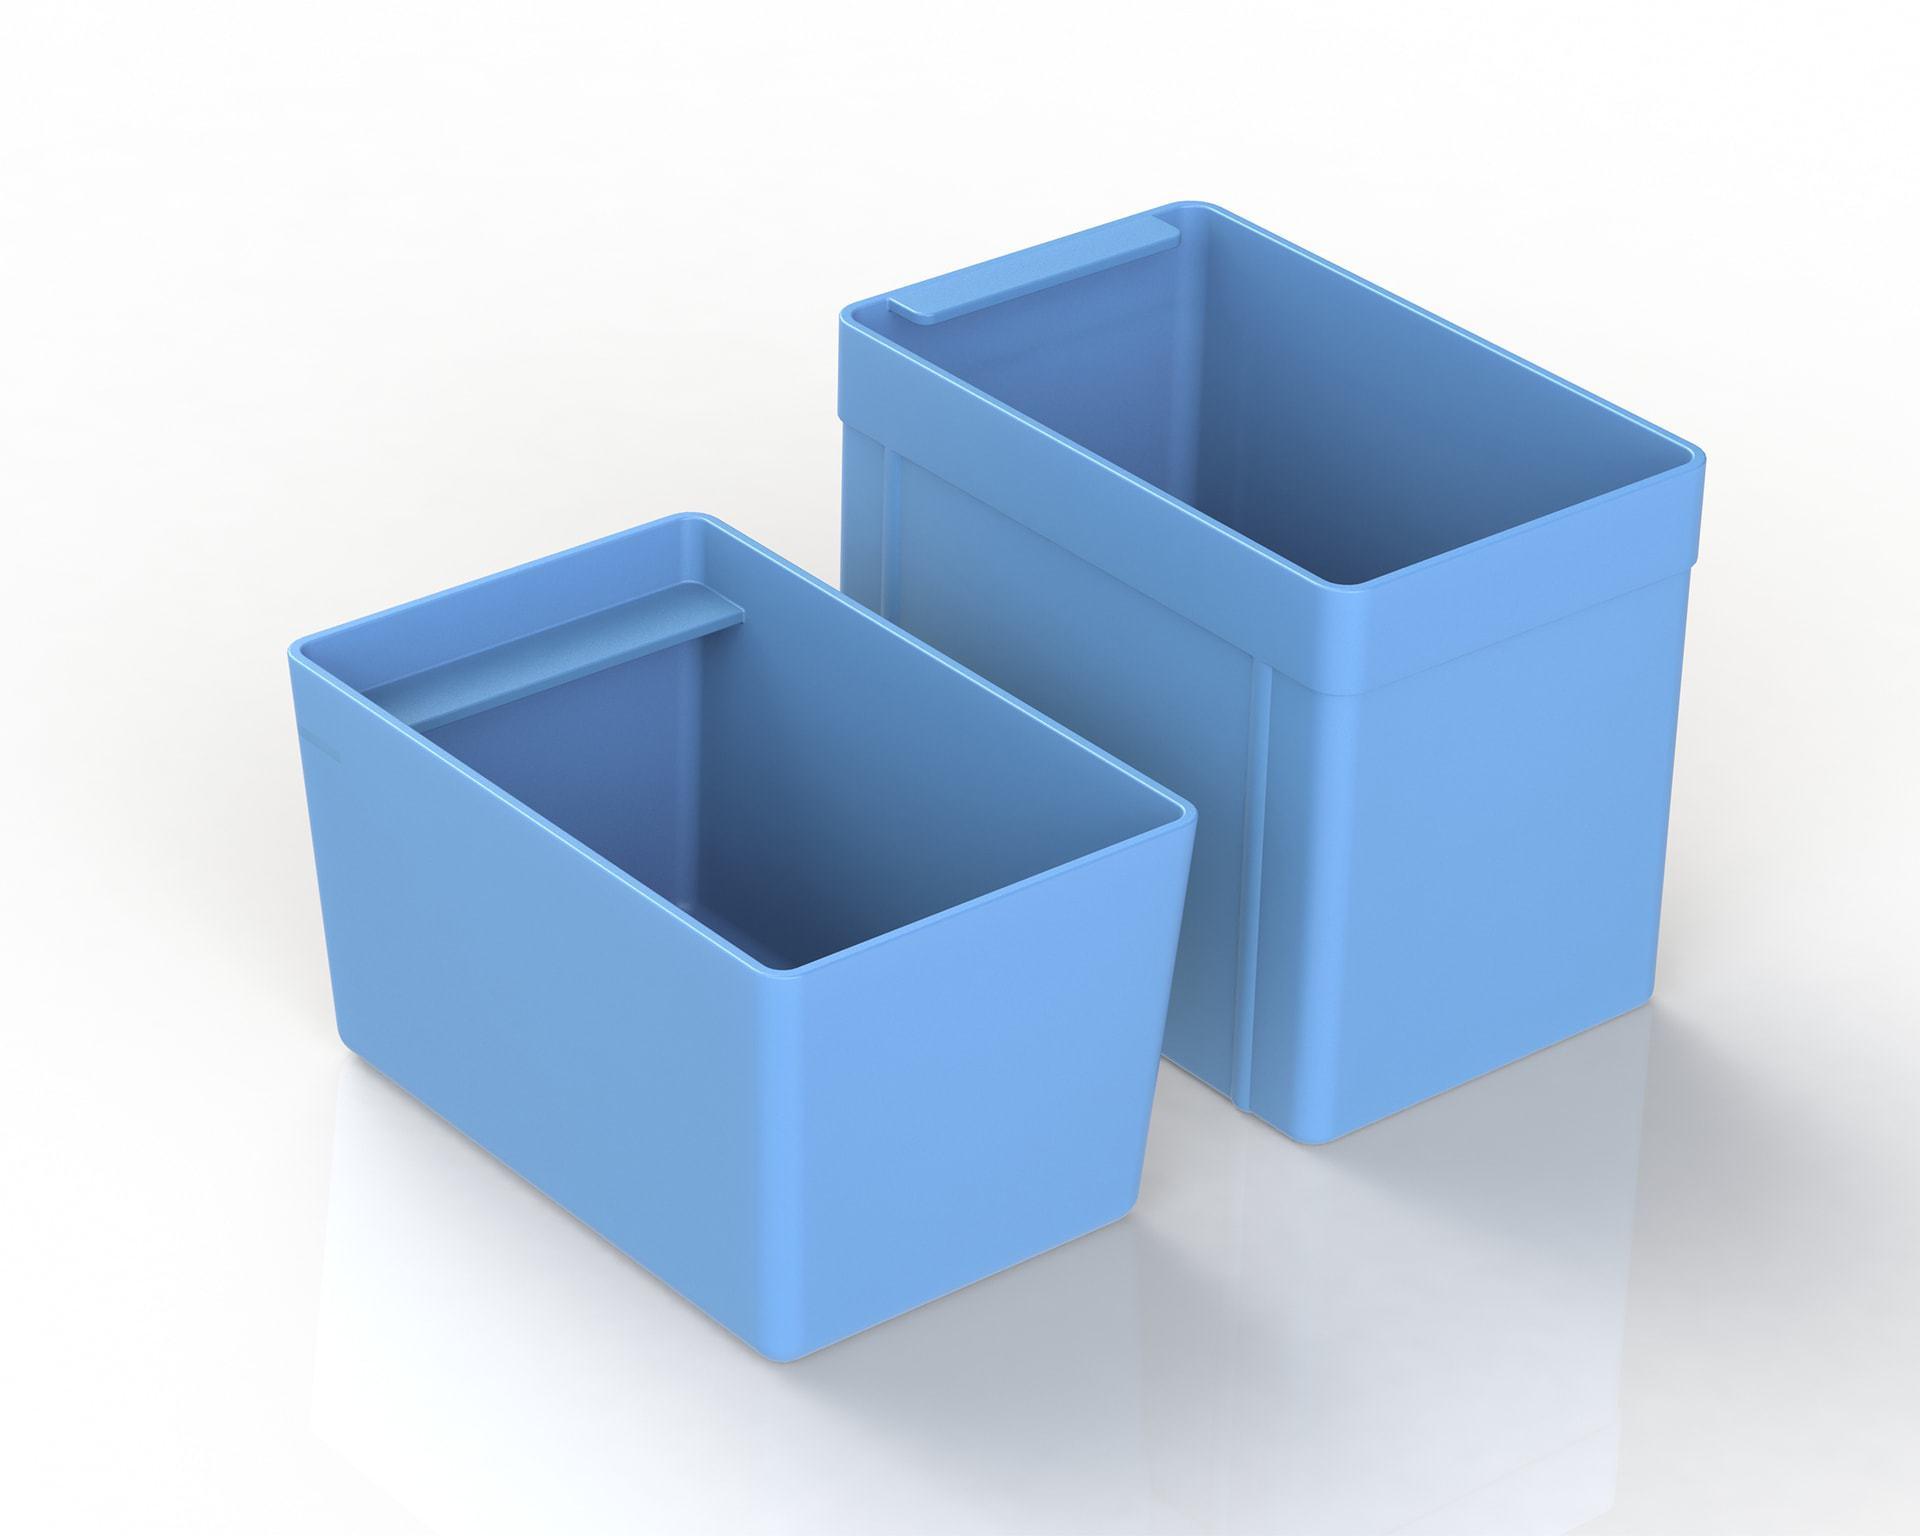 PEK3 Easytube Plastic Accessories Storage Boxes